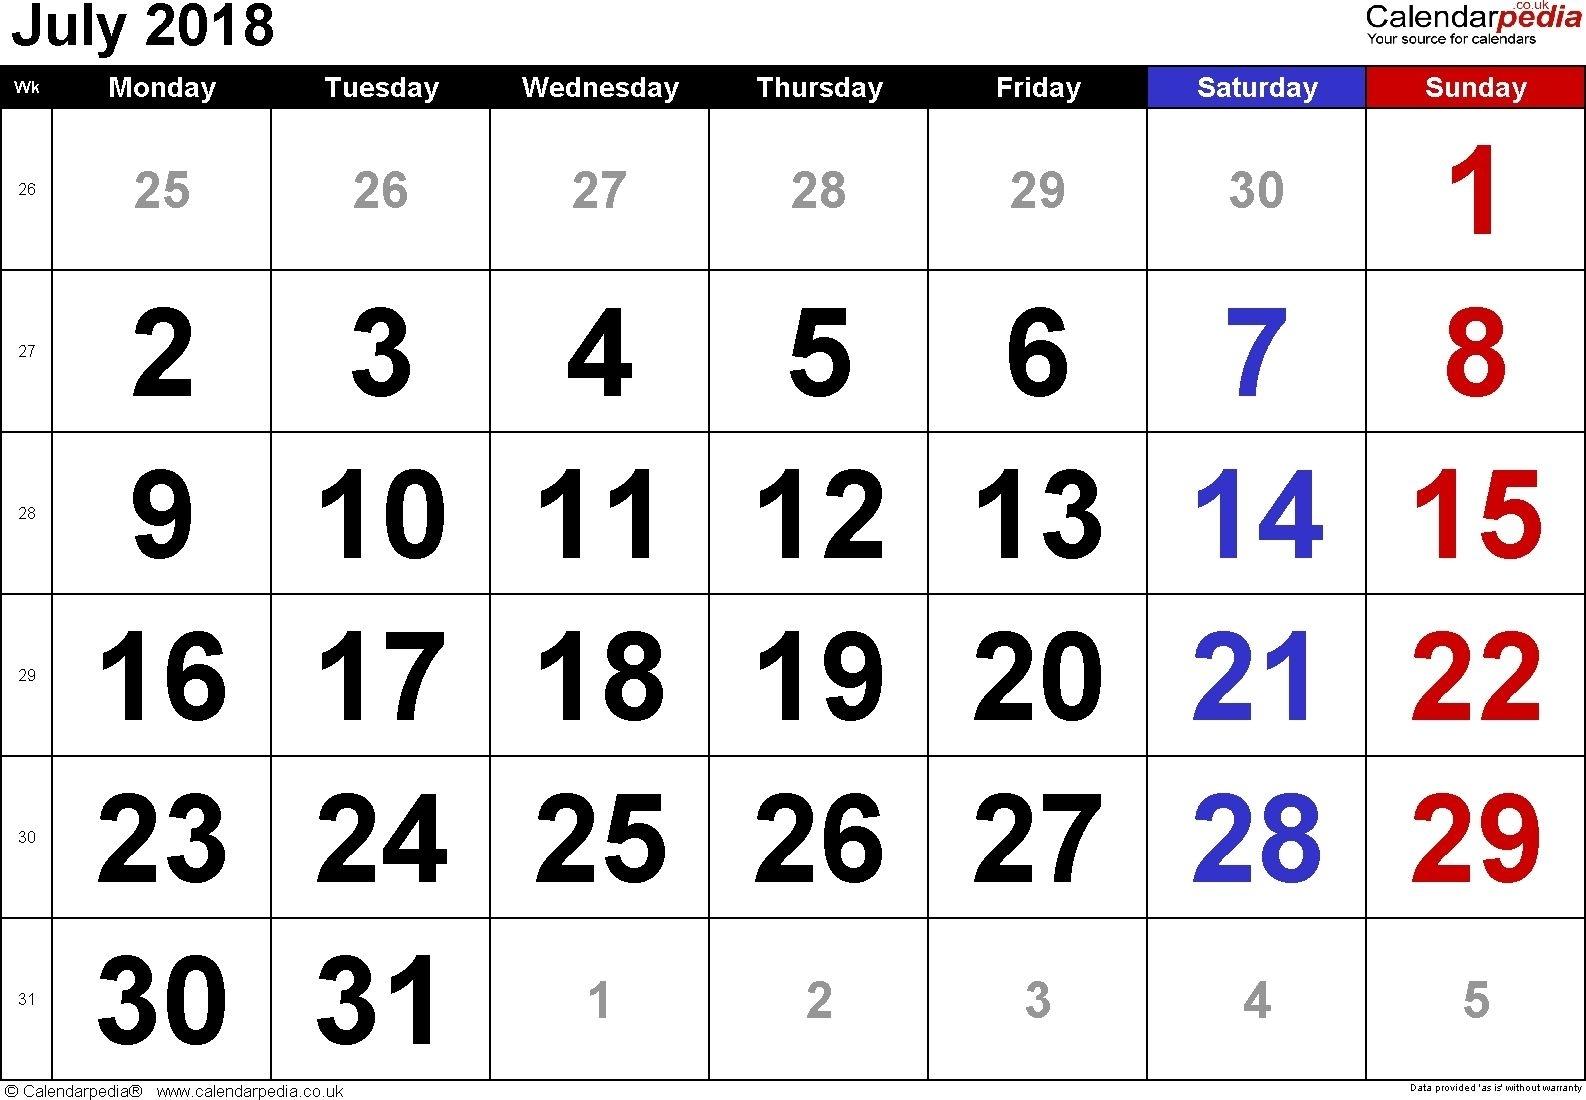 Free Printable Calendar Large Numbers In 2020 | Printable throughout Free Printable 2020 Calendars Large Numbers